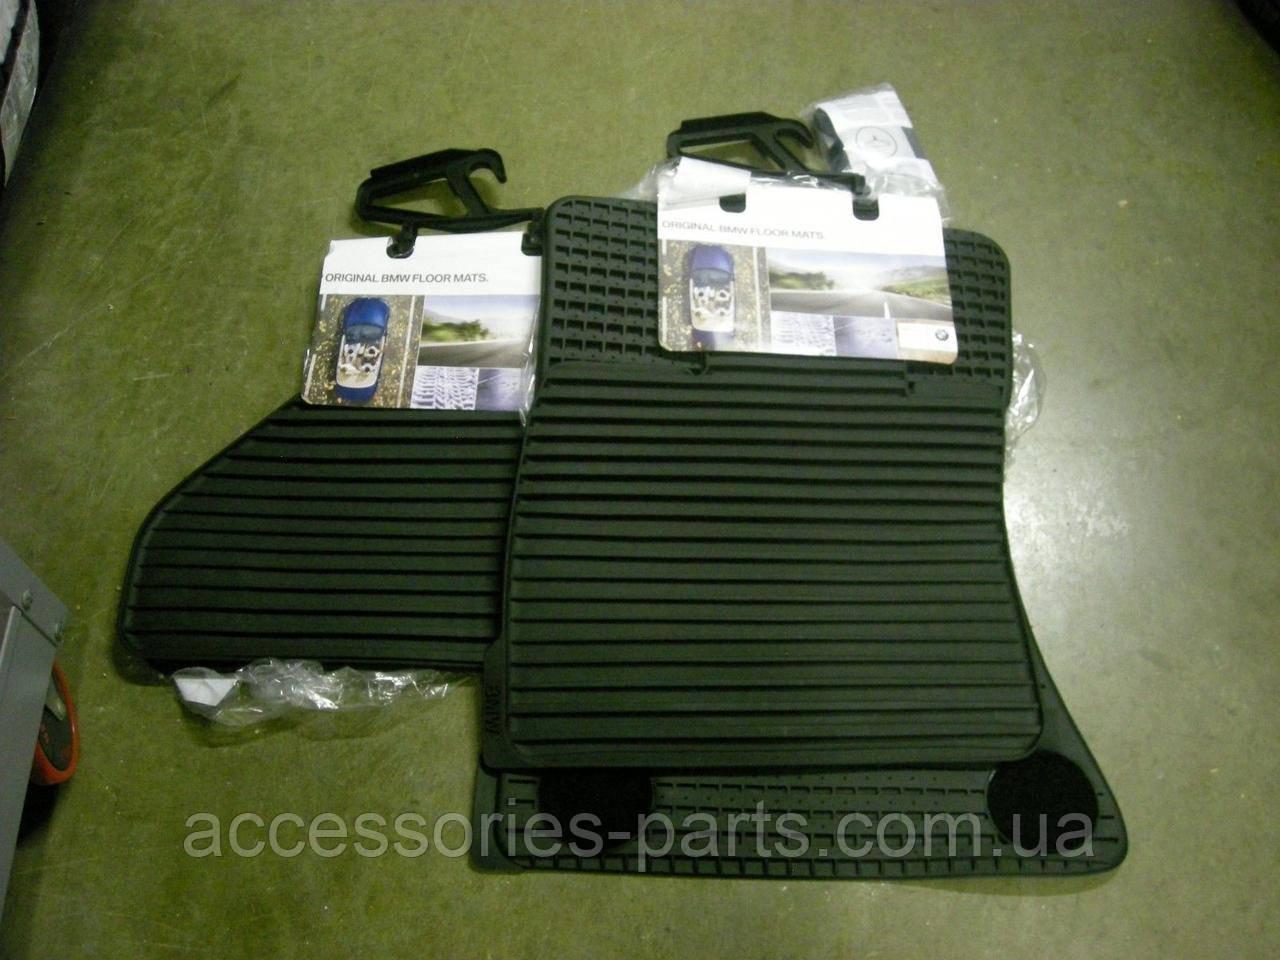 Комплект резиновых ковриков BMW X5 E70 07-2013 Новый Оригинальный